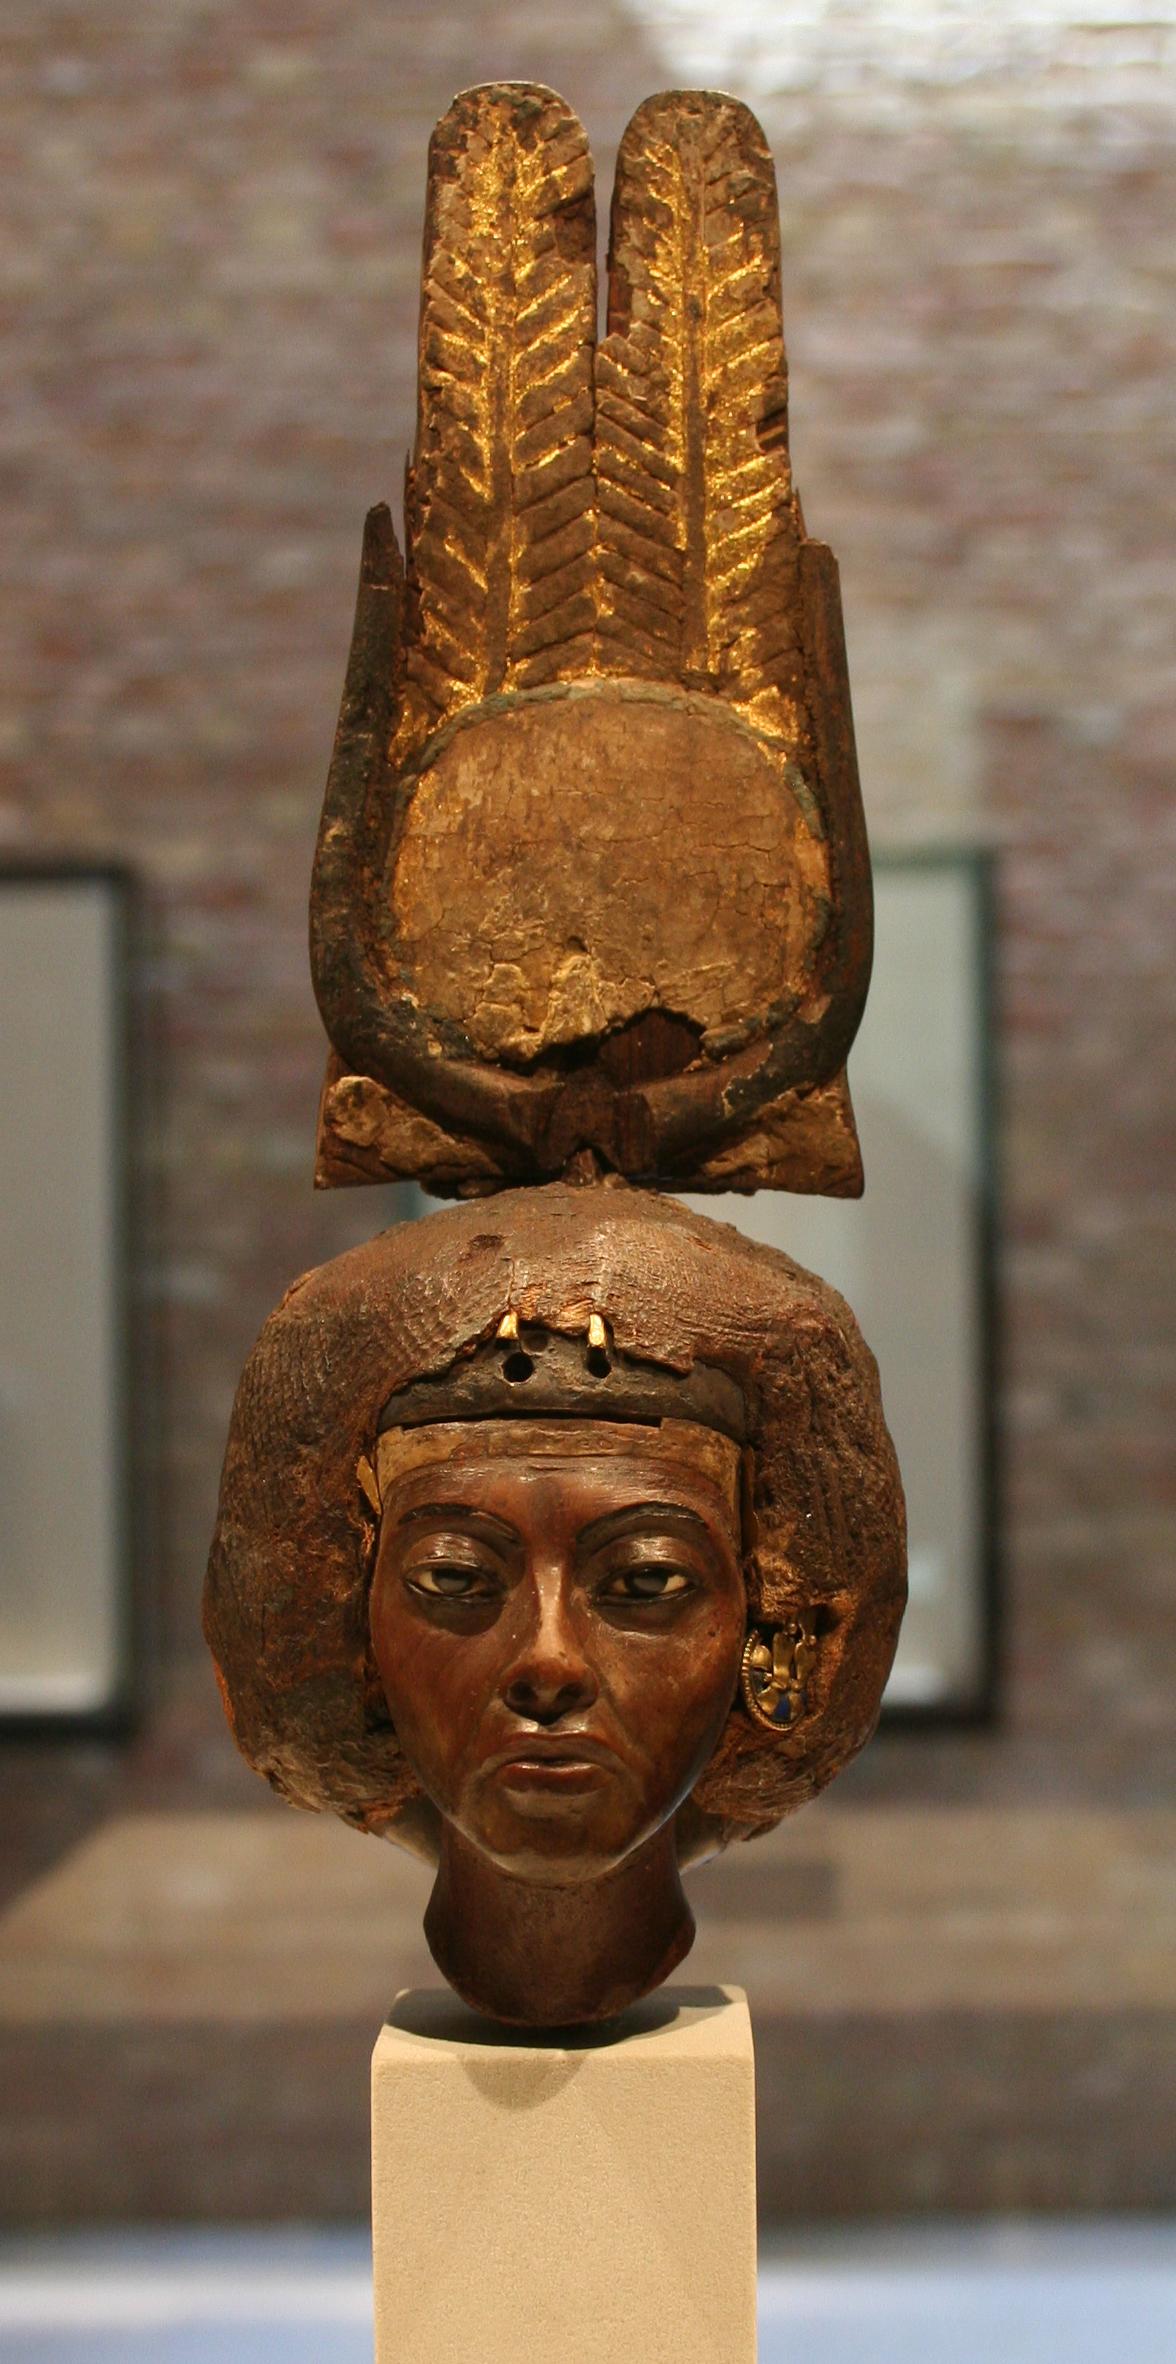 %C3%84gyptisches_Museum_Berlin_027.jpg